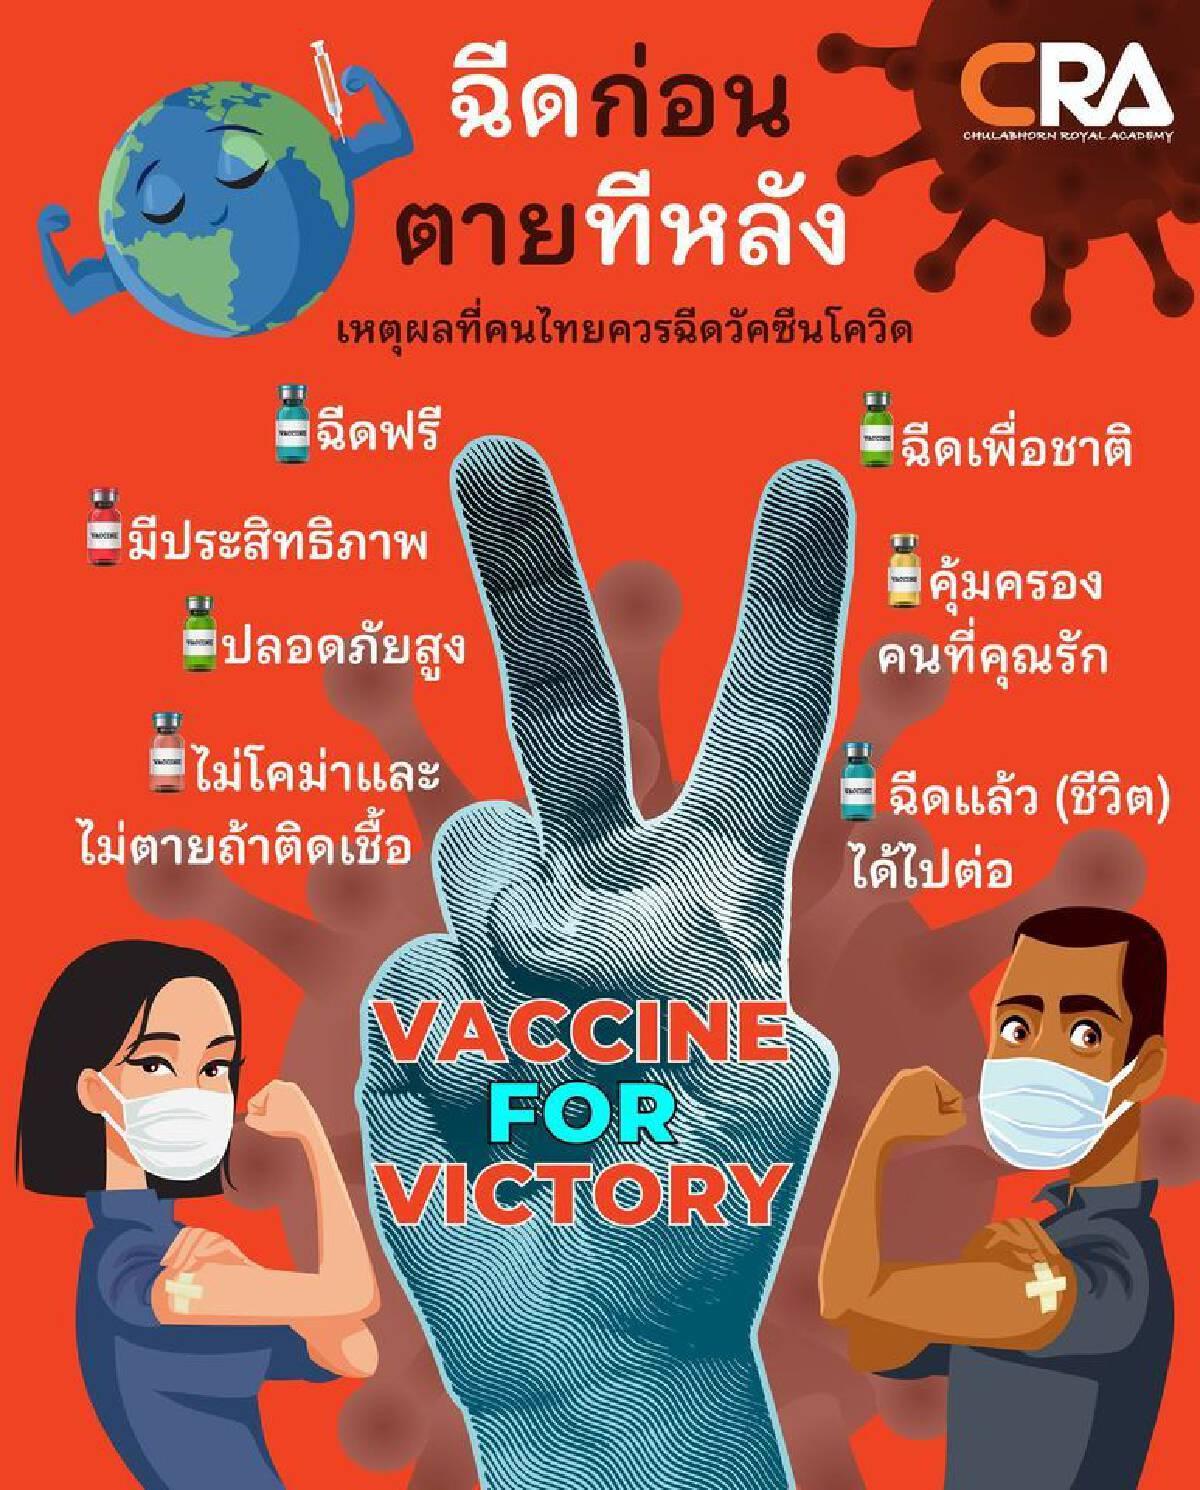 เหตุผลที่คนไทยควรฉีดวัคซีนโควิด-19